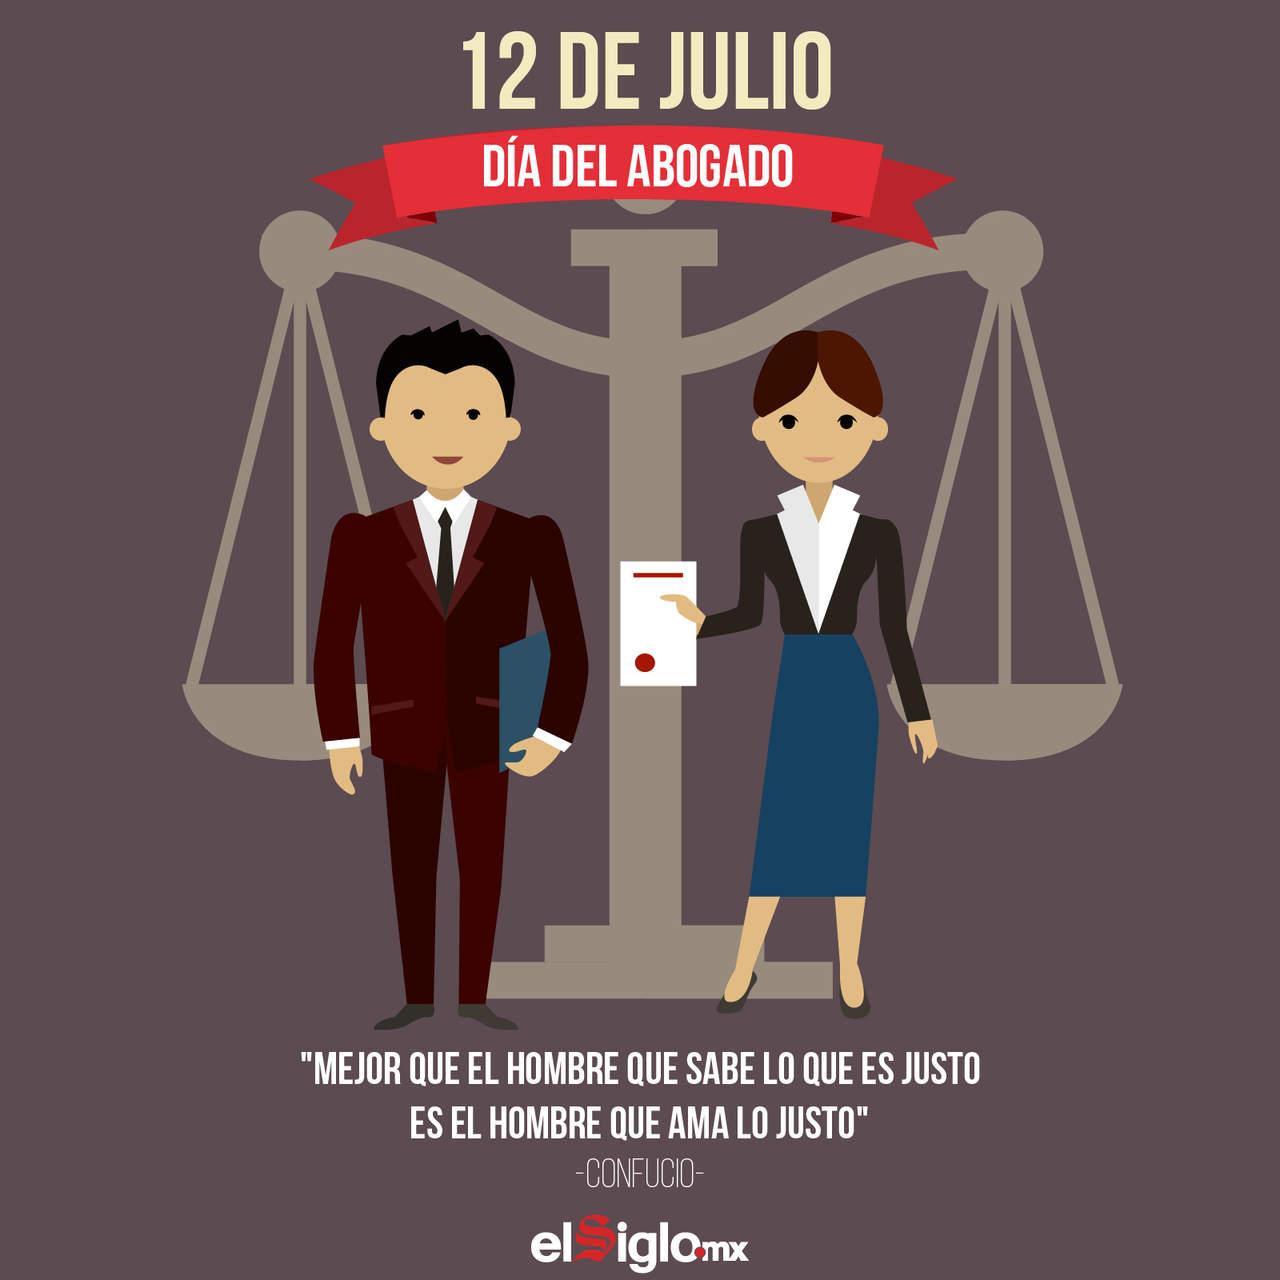 1960: Primera celebración del Día del Abogado en México